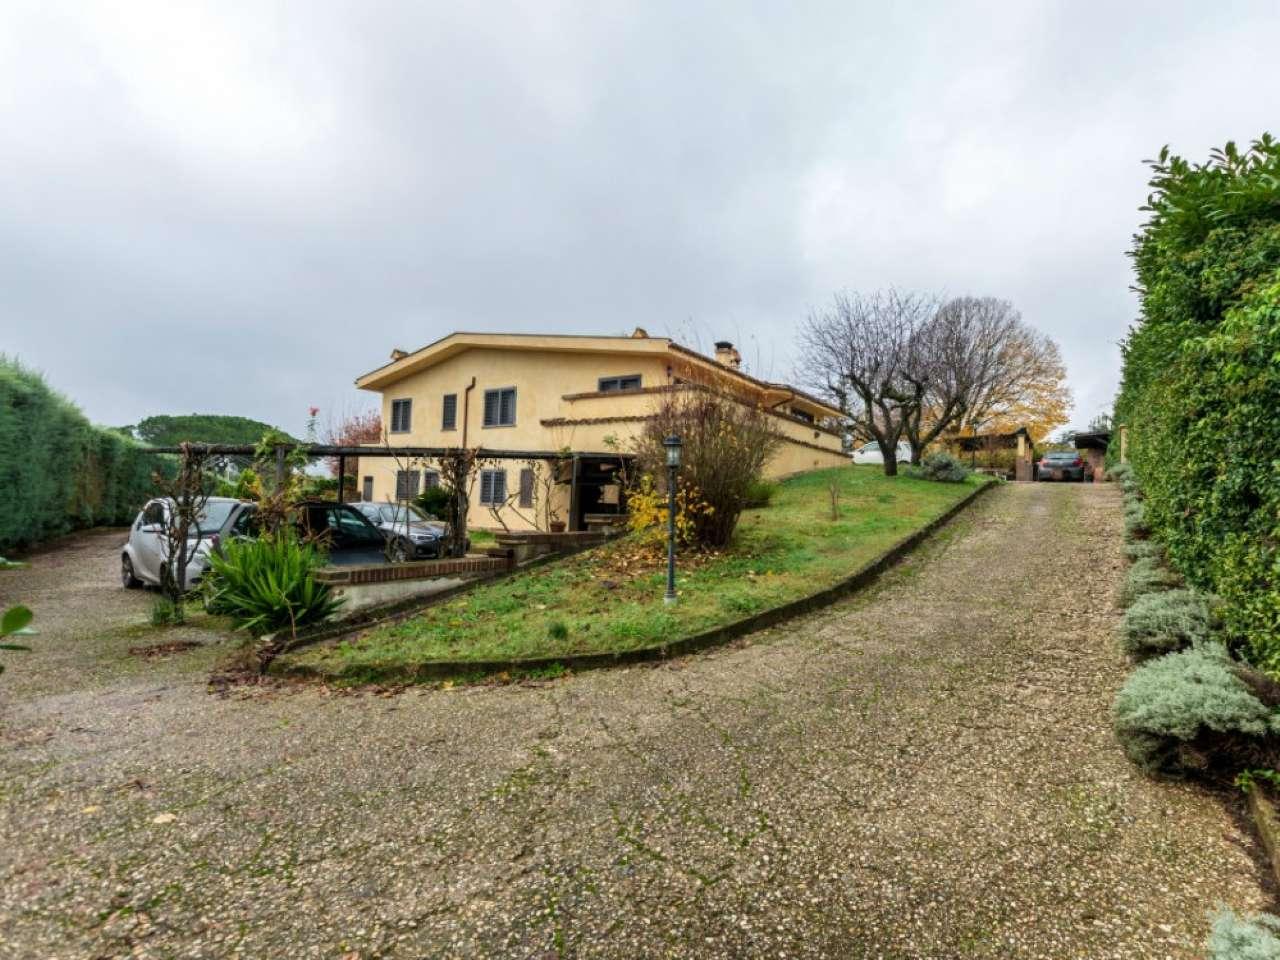 Villa in vendita a Morlupo, 9 locali, prezzo € 690.000 | CambioCasa.it